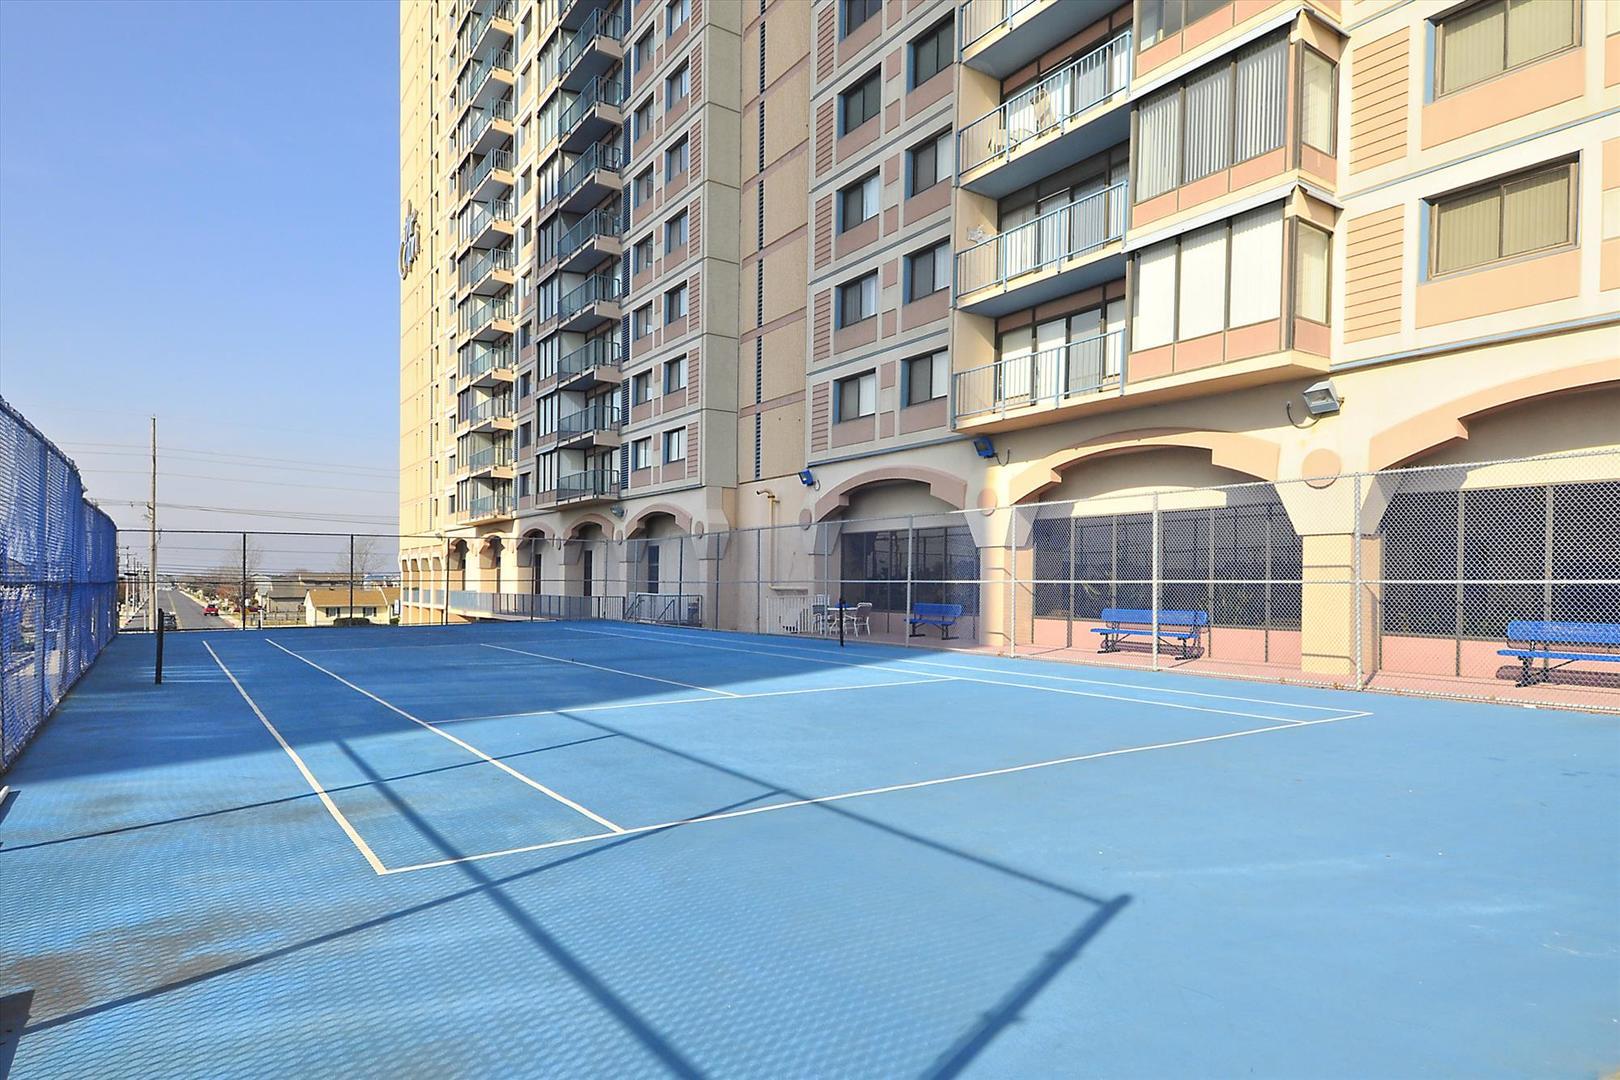 Capri - Tennis Courts